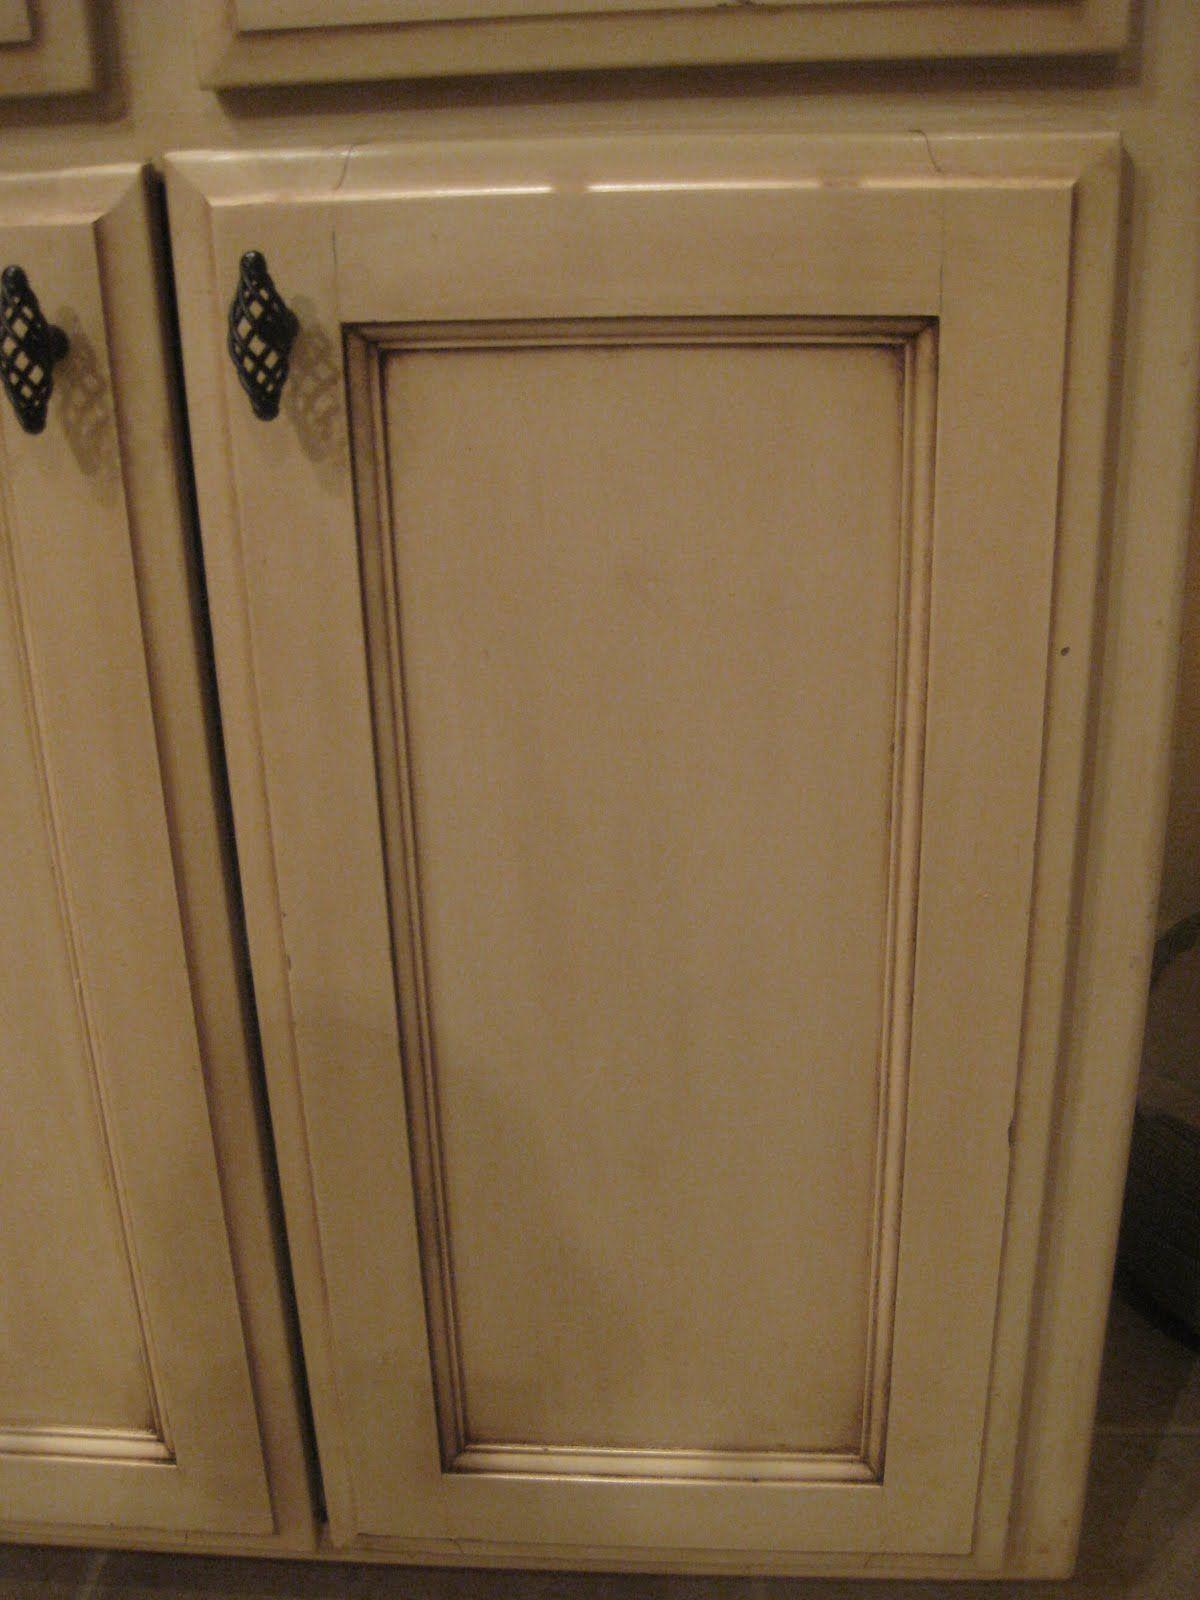 Verglasung Kuchenschranke Techniken Mit Gel Flecken Bader Kitchen Kathrintrowitz Weisse Glazed Kitchen Cabinets Painting Kitchen Cabinets Glazing Cabinets